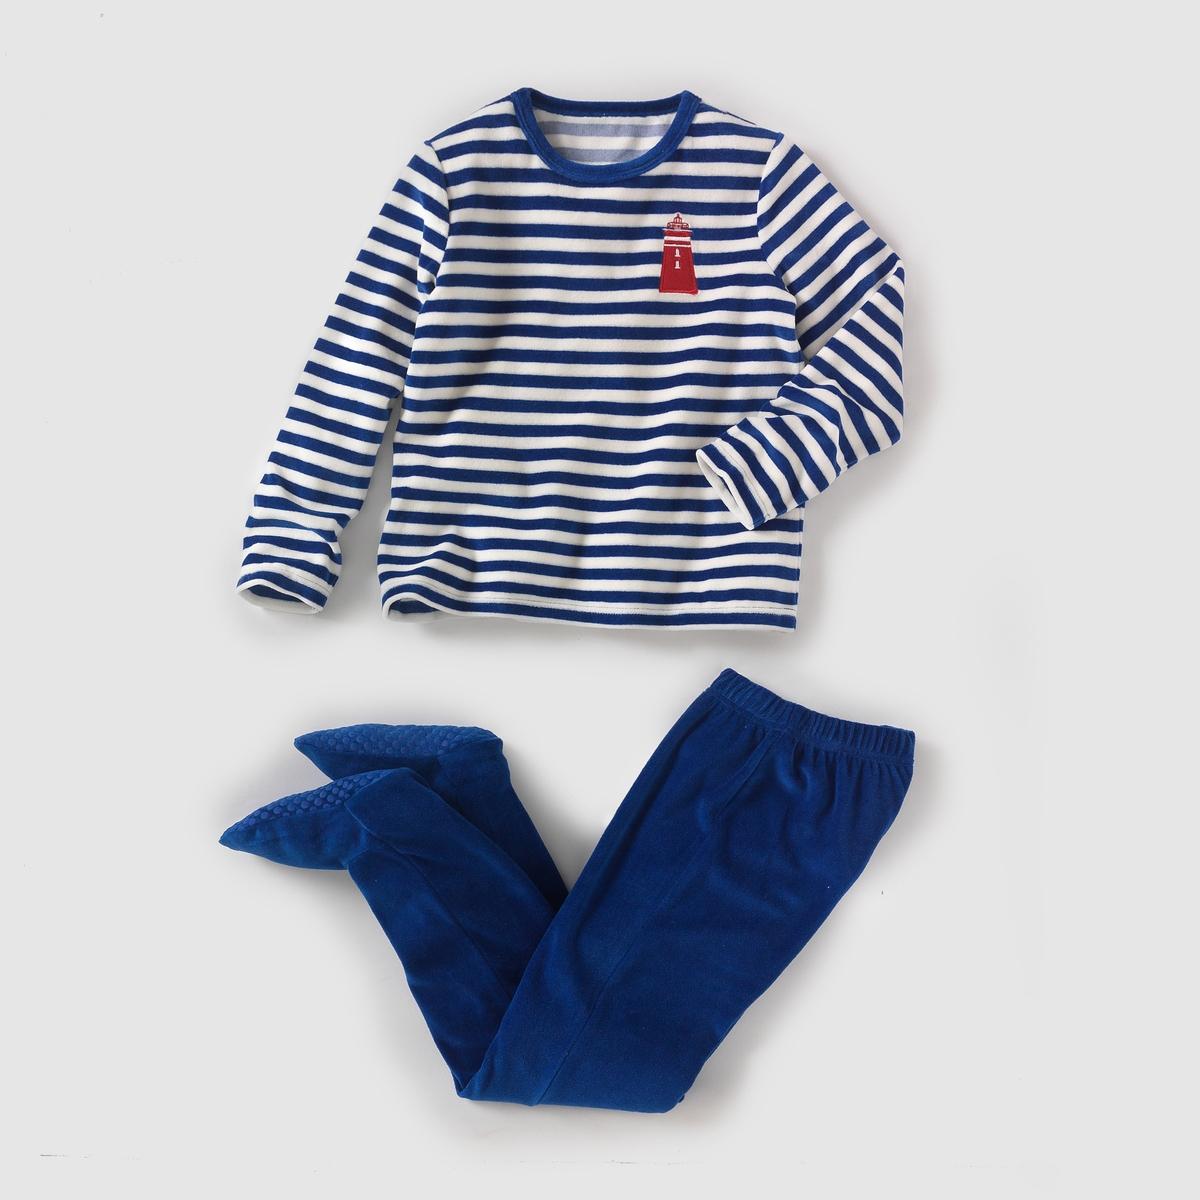 Пижама из велюра со вшитыми носочками, 2-12 лет